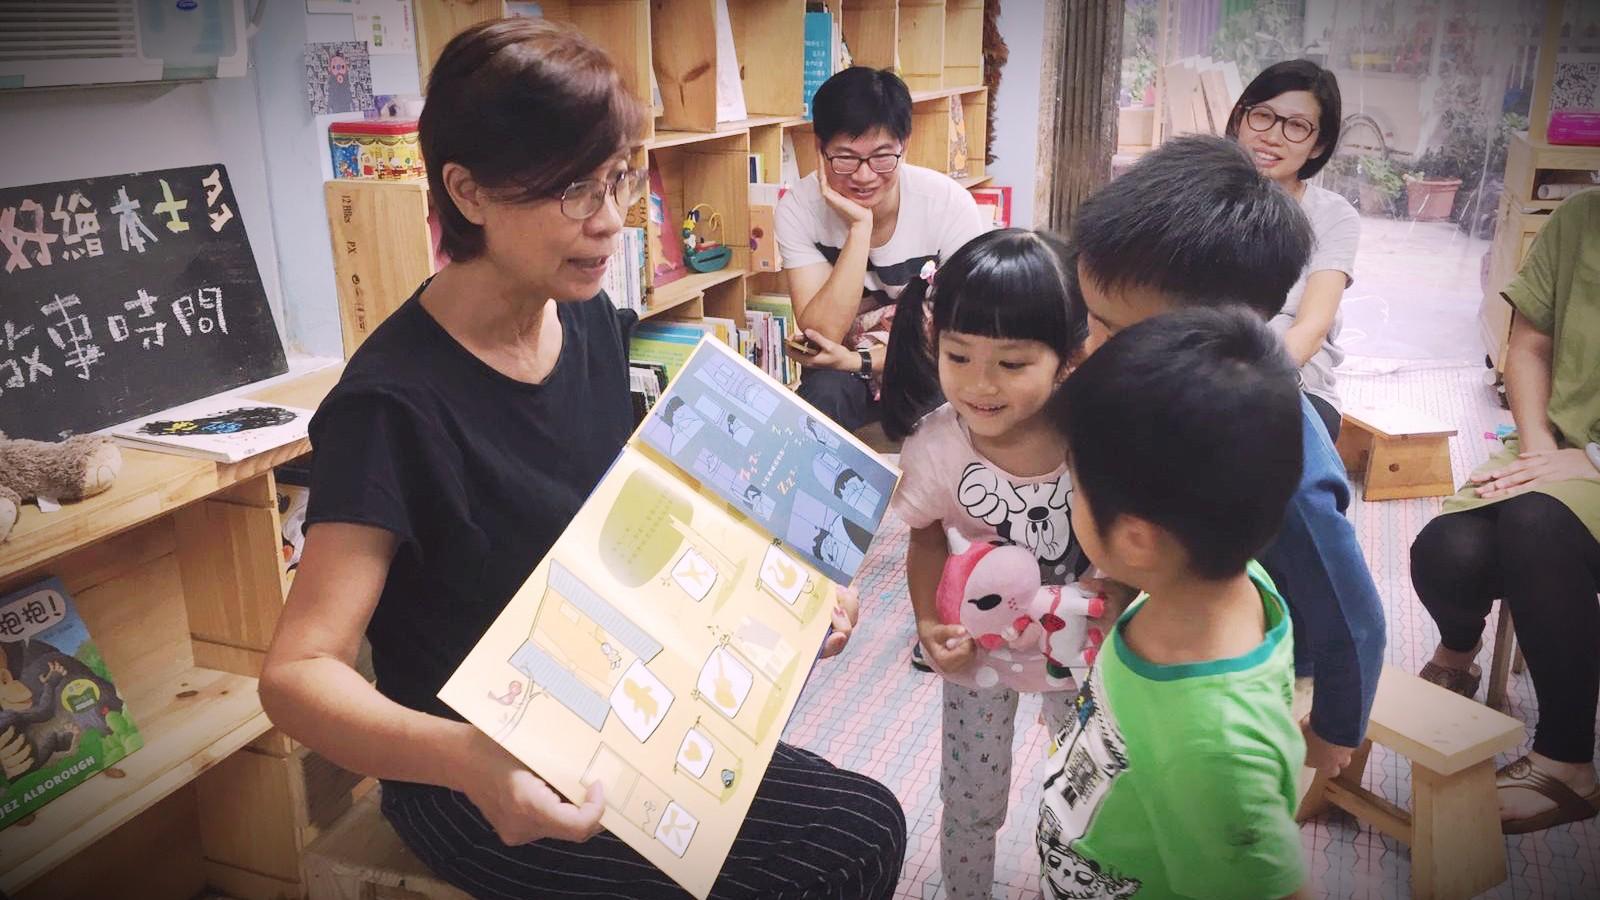 百好繪本士多|悅讀童年故事時間#12月(適合3-6歲孩子和照顧者)